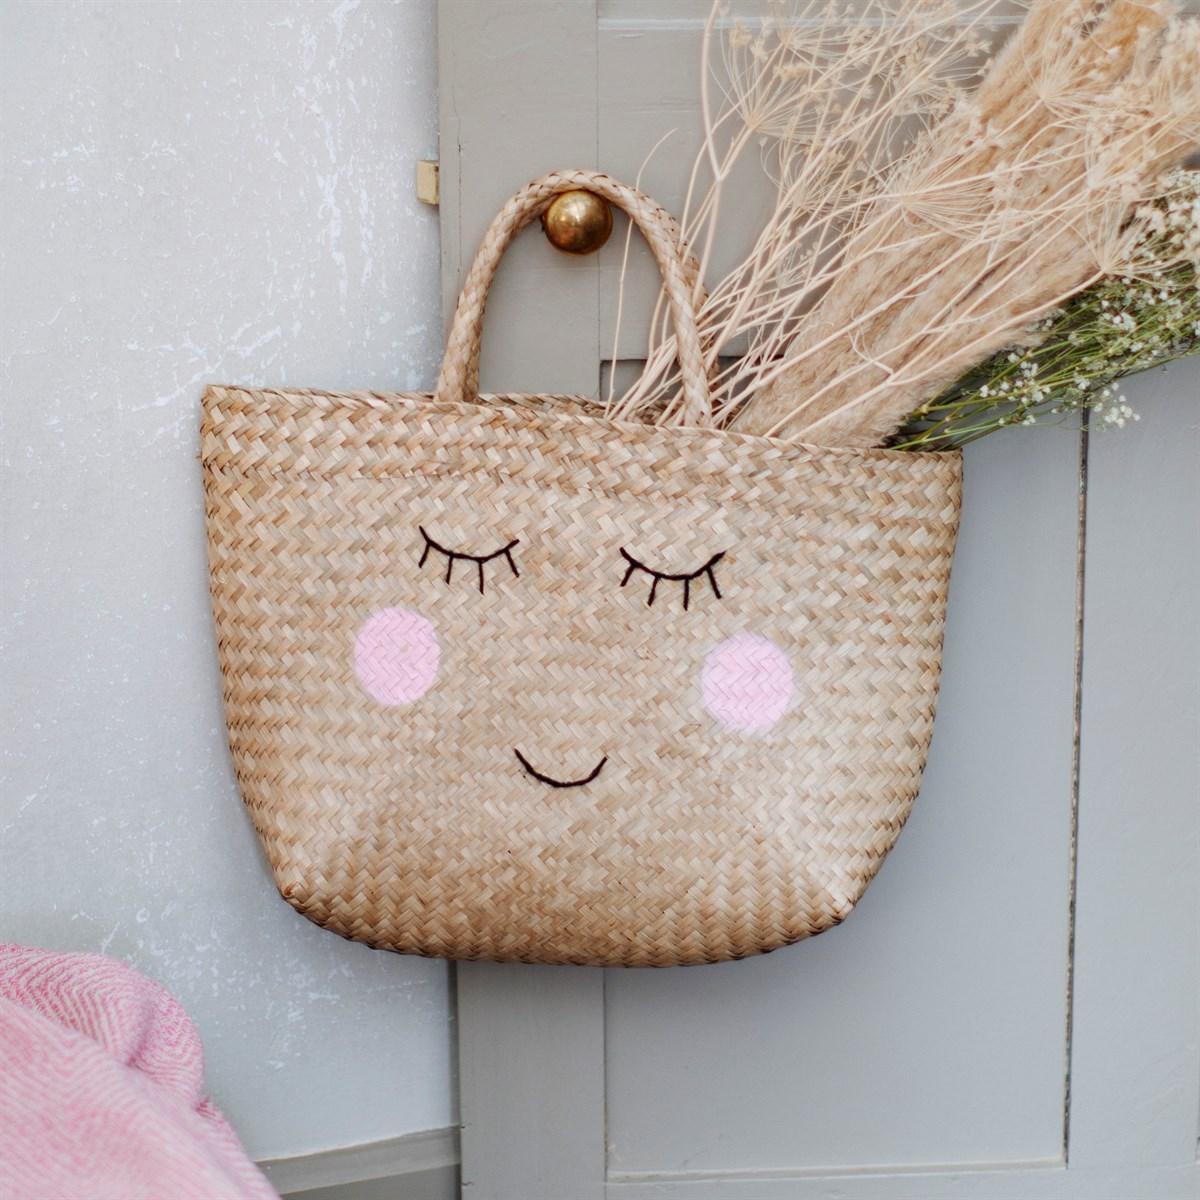 Nákupní košík/ taška Seagrass Happy_1